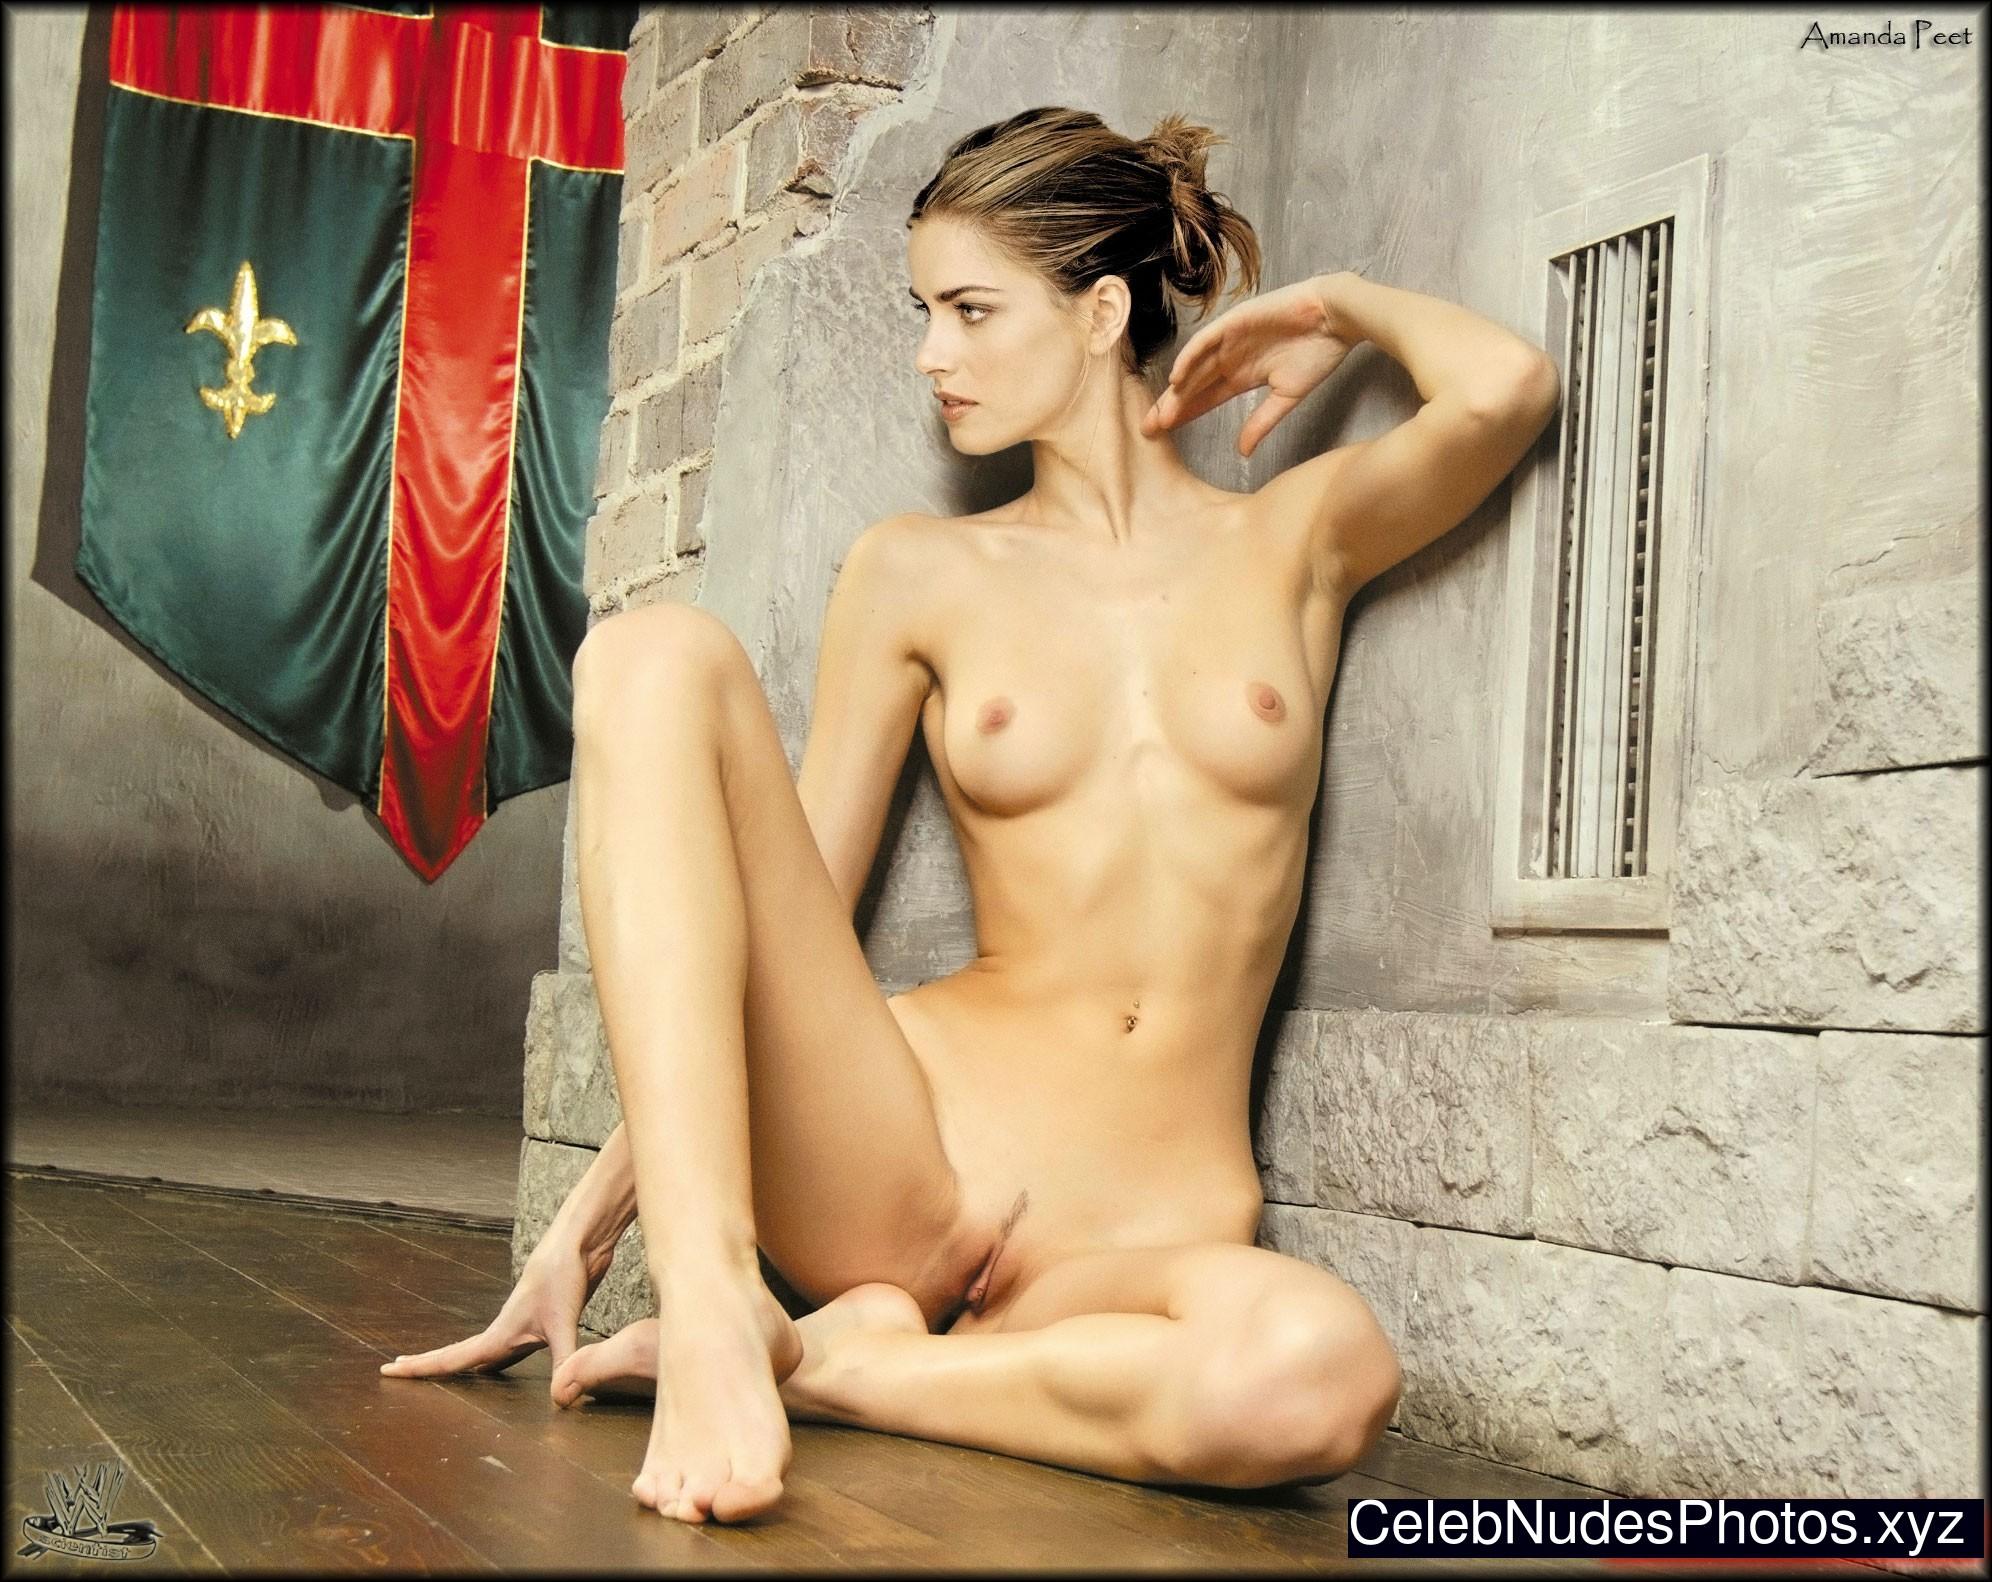 amanda peet images naked